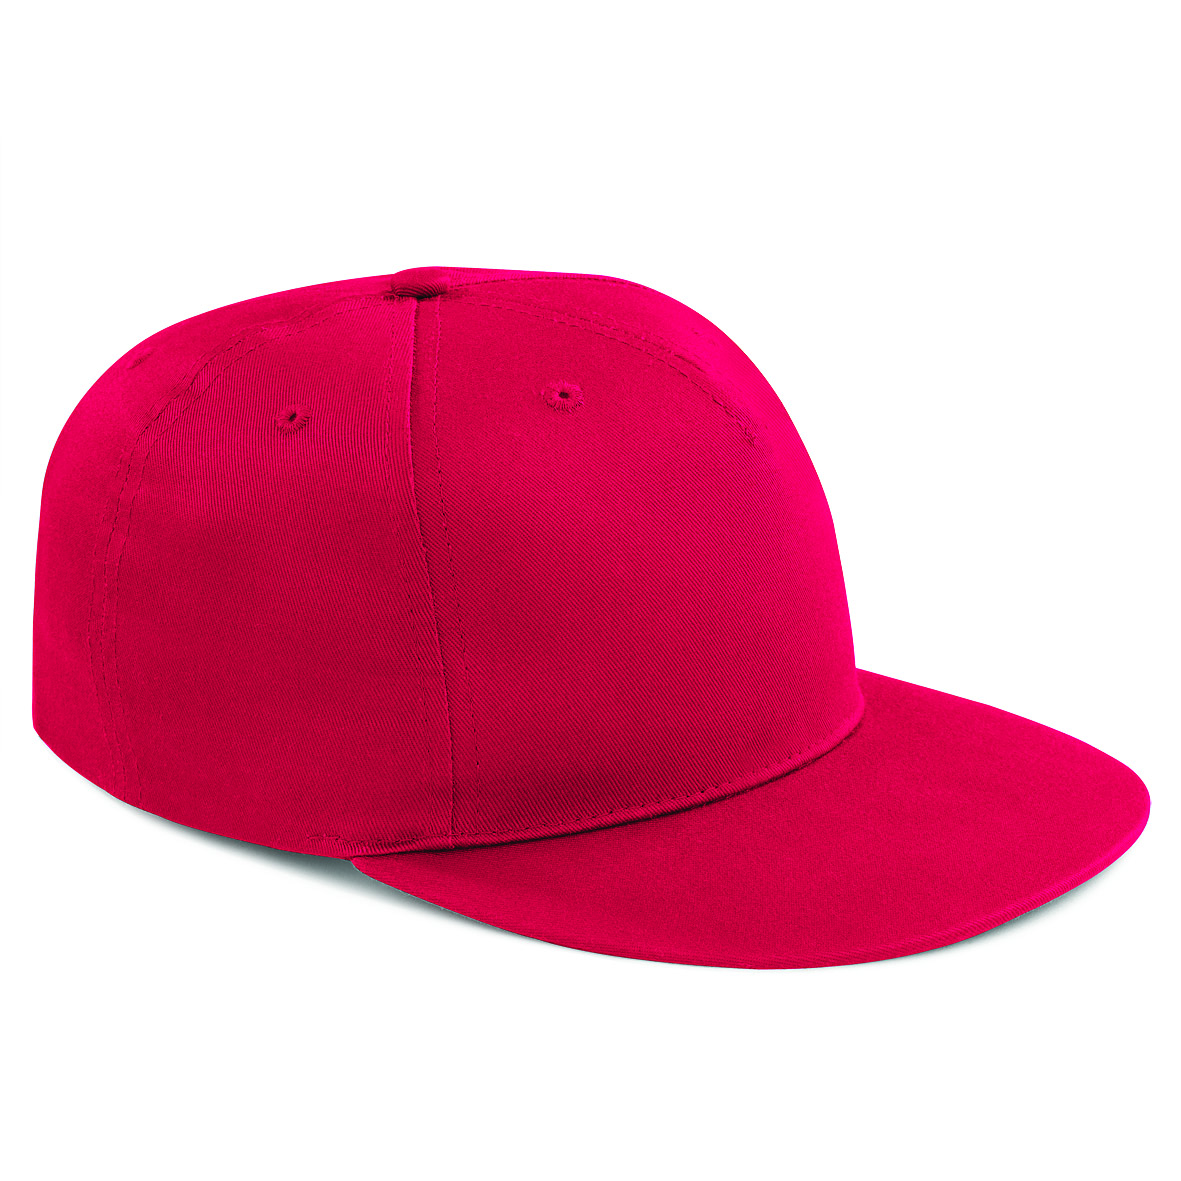 B610 5 panel Snapback Rapper Cap